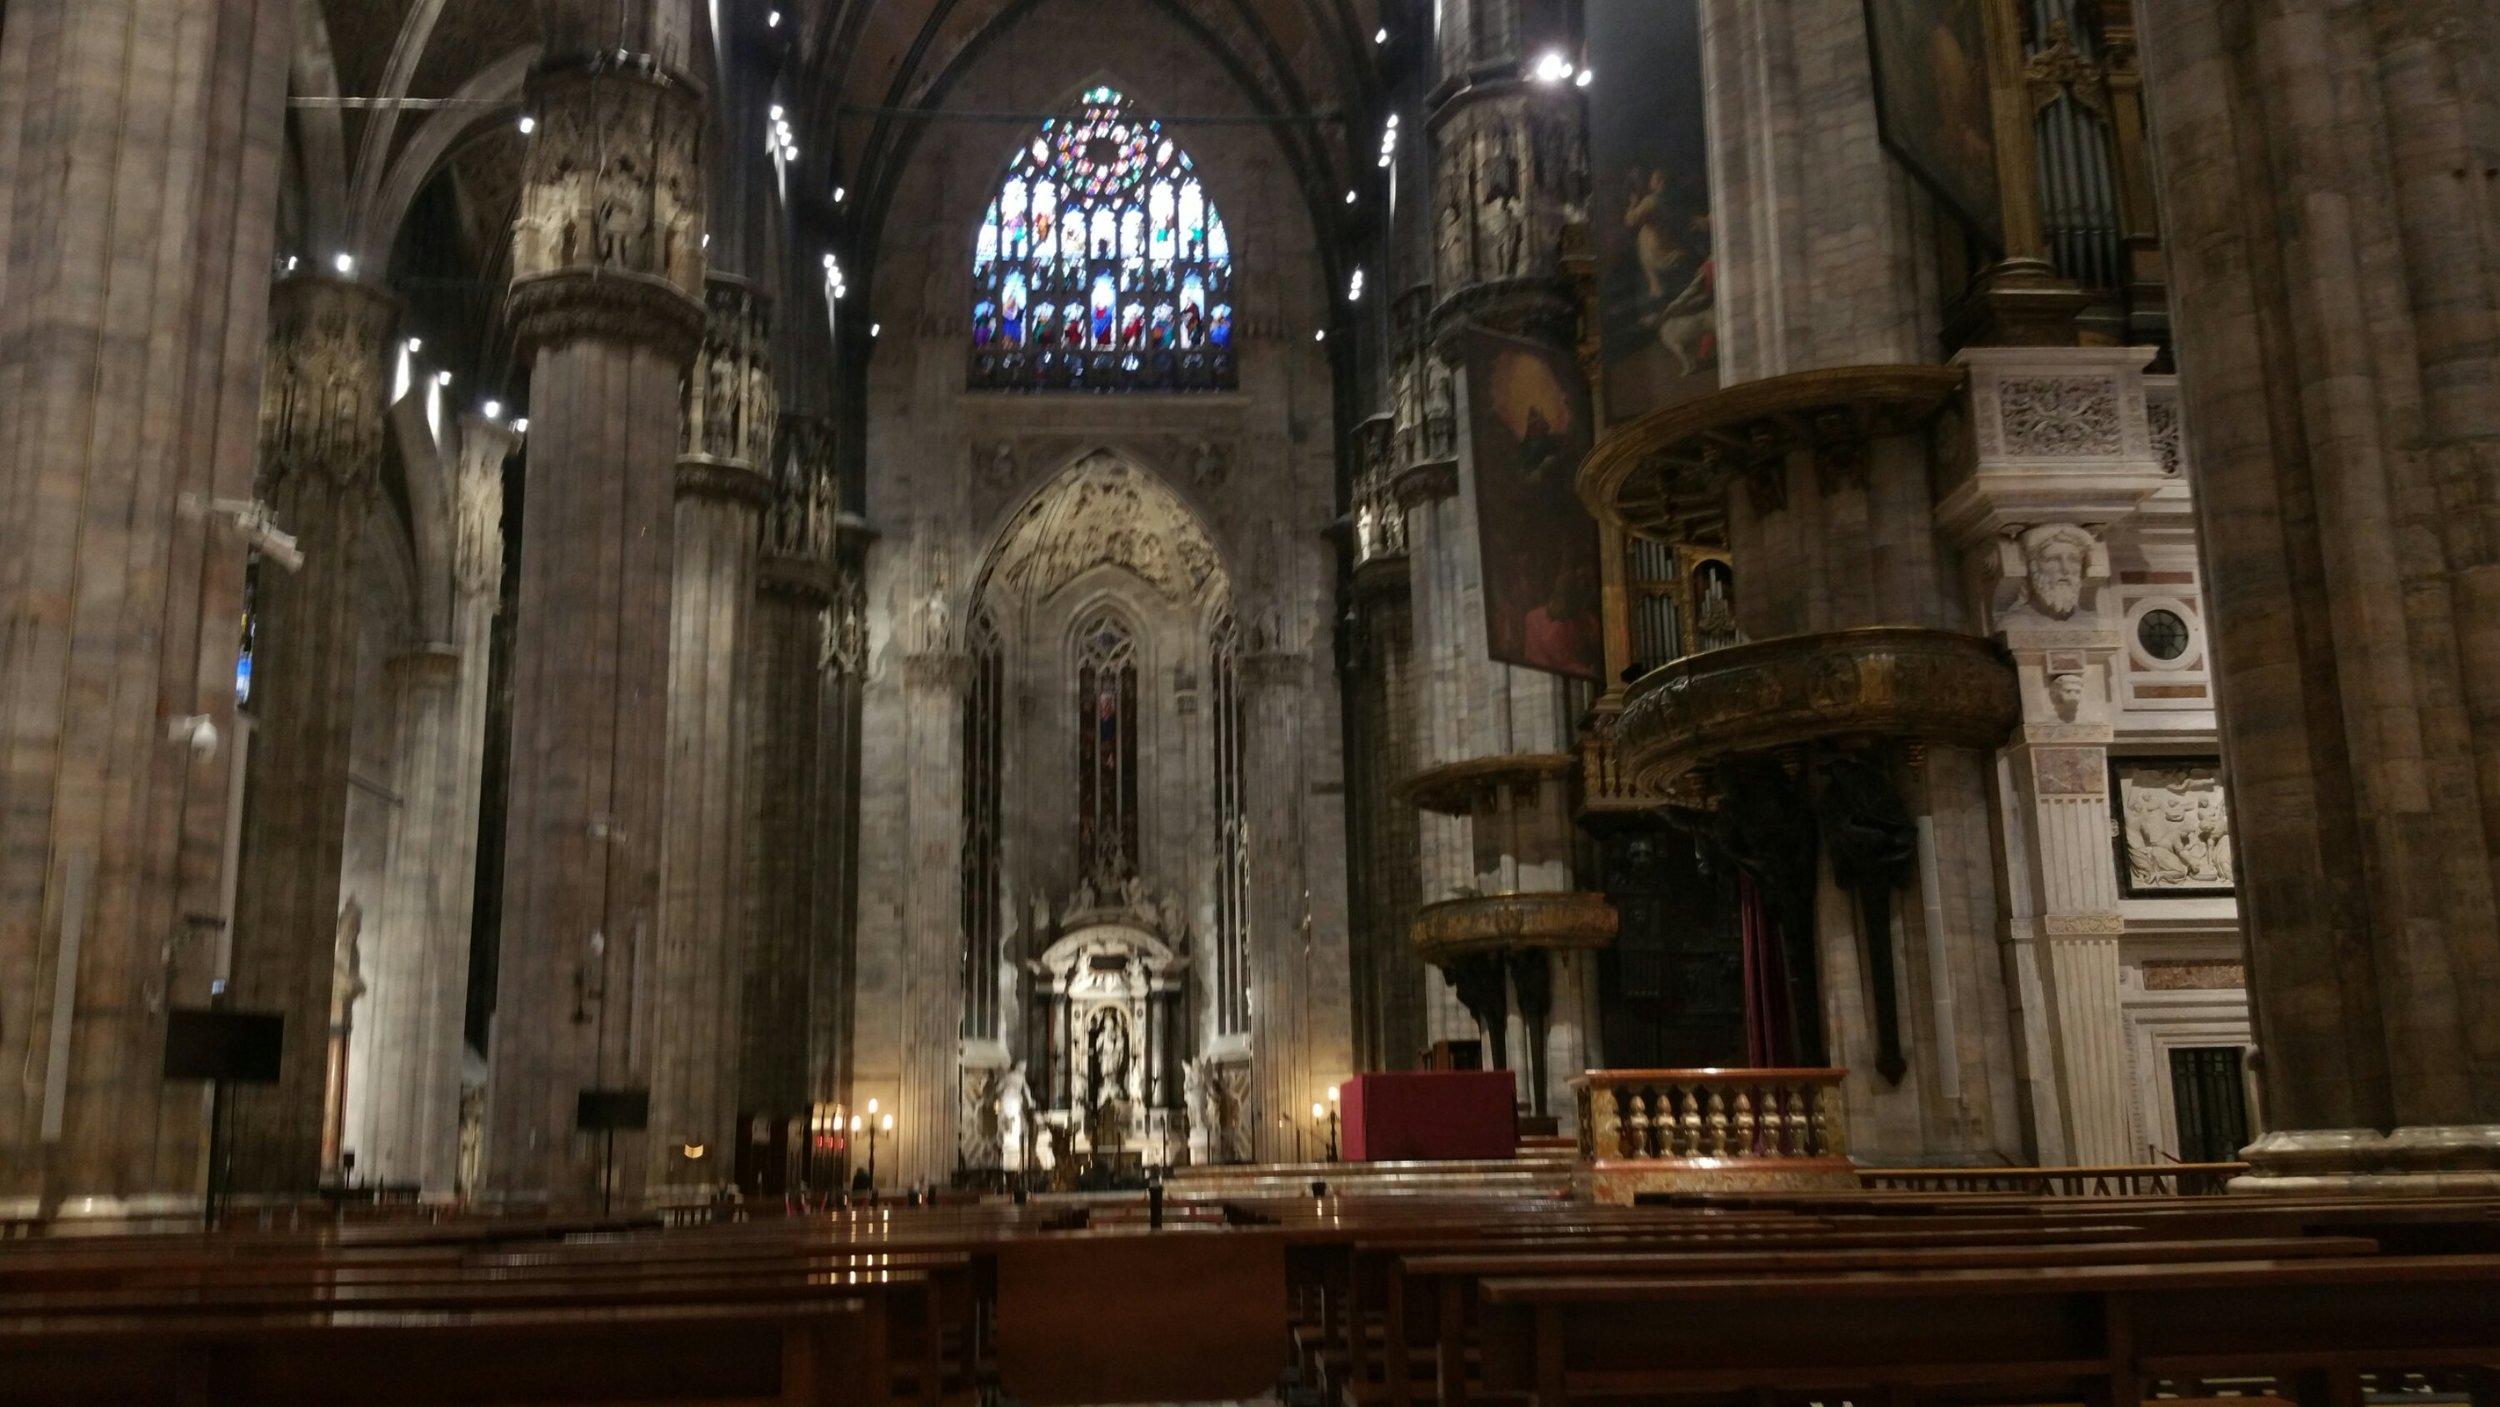 Inside the Duomo Milan